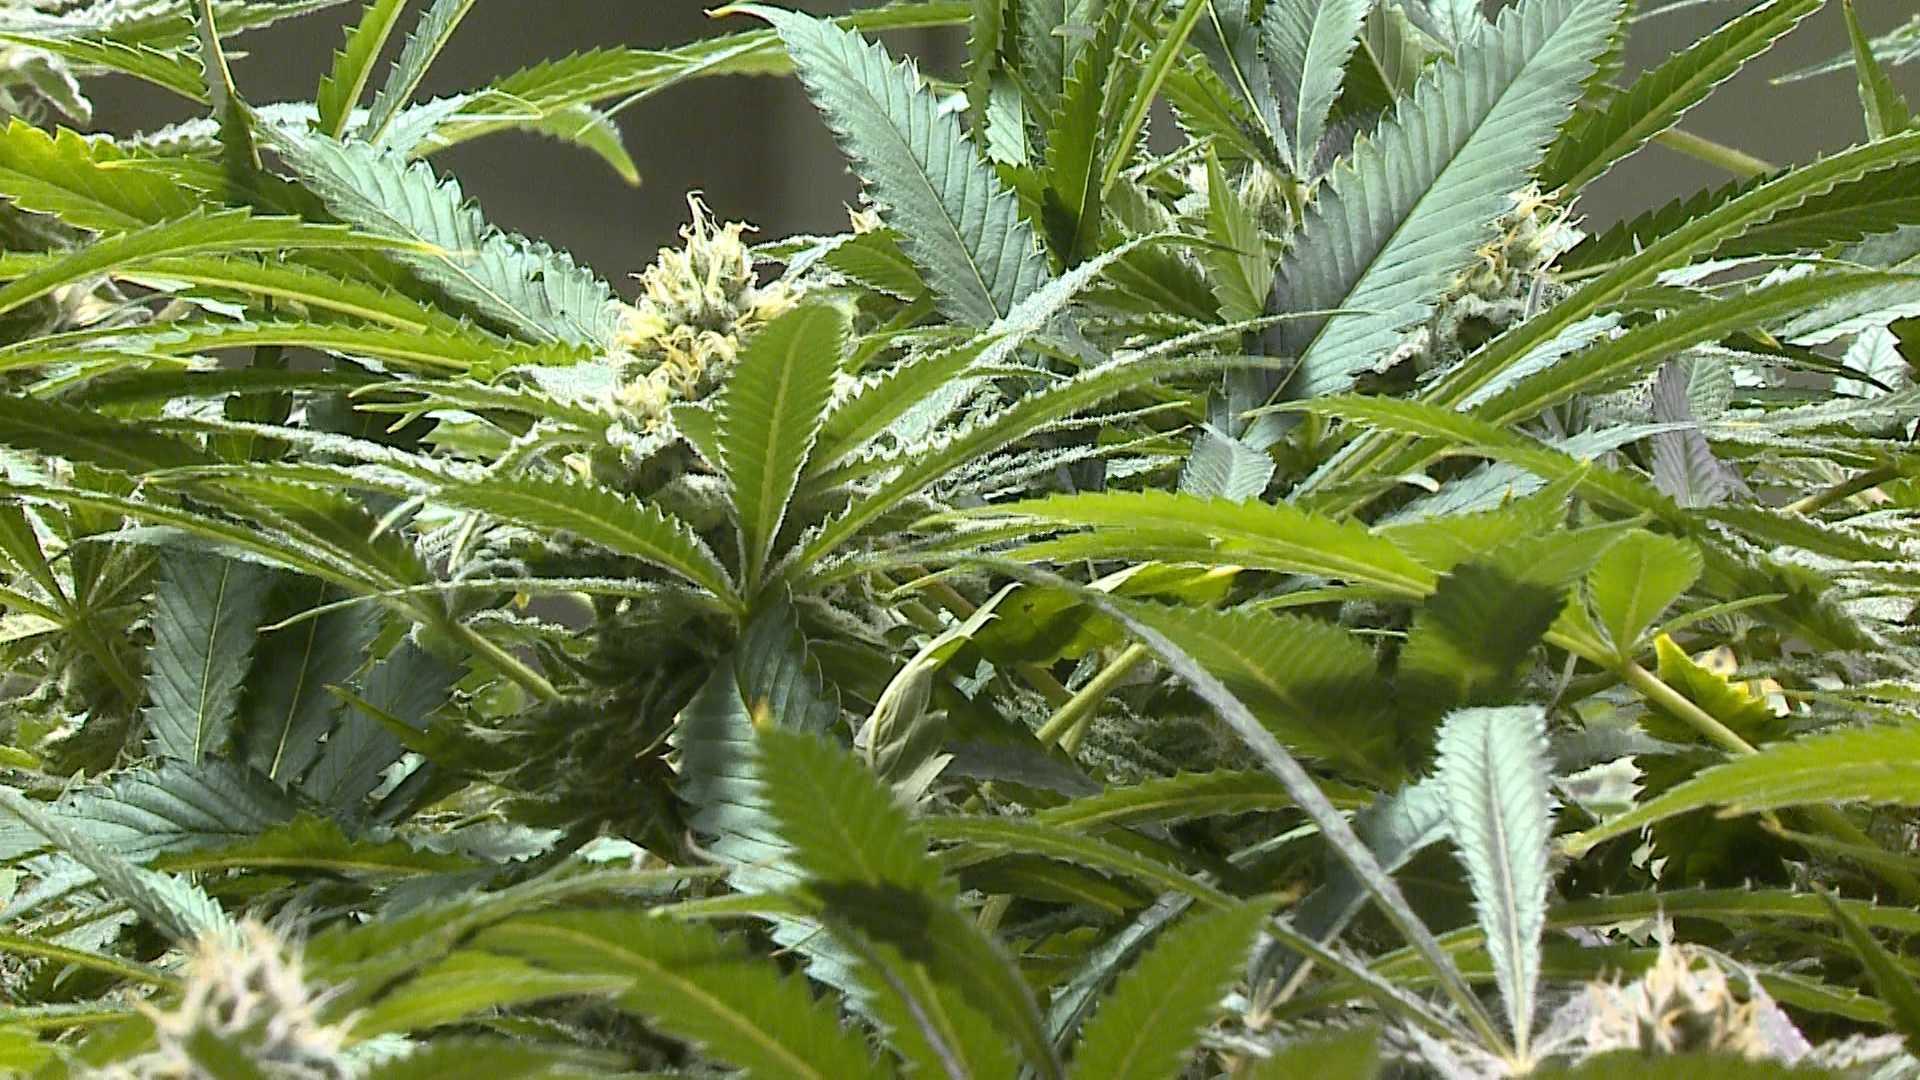 Weed2.jpg_highRes.jpg